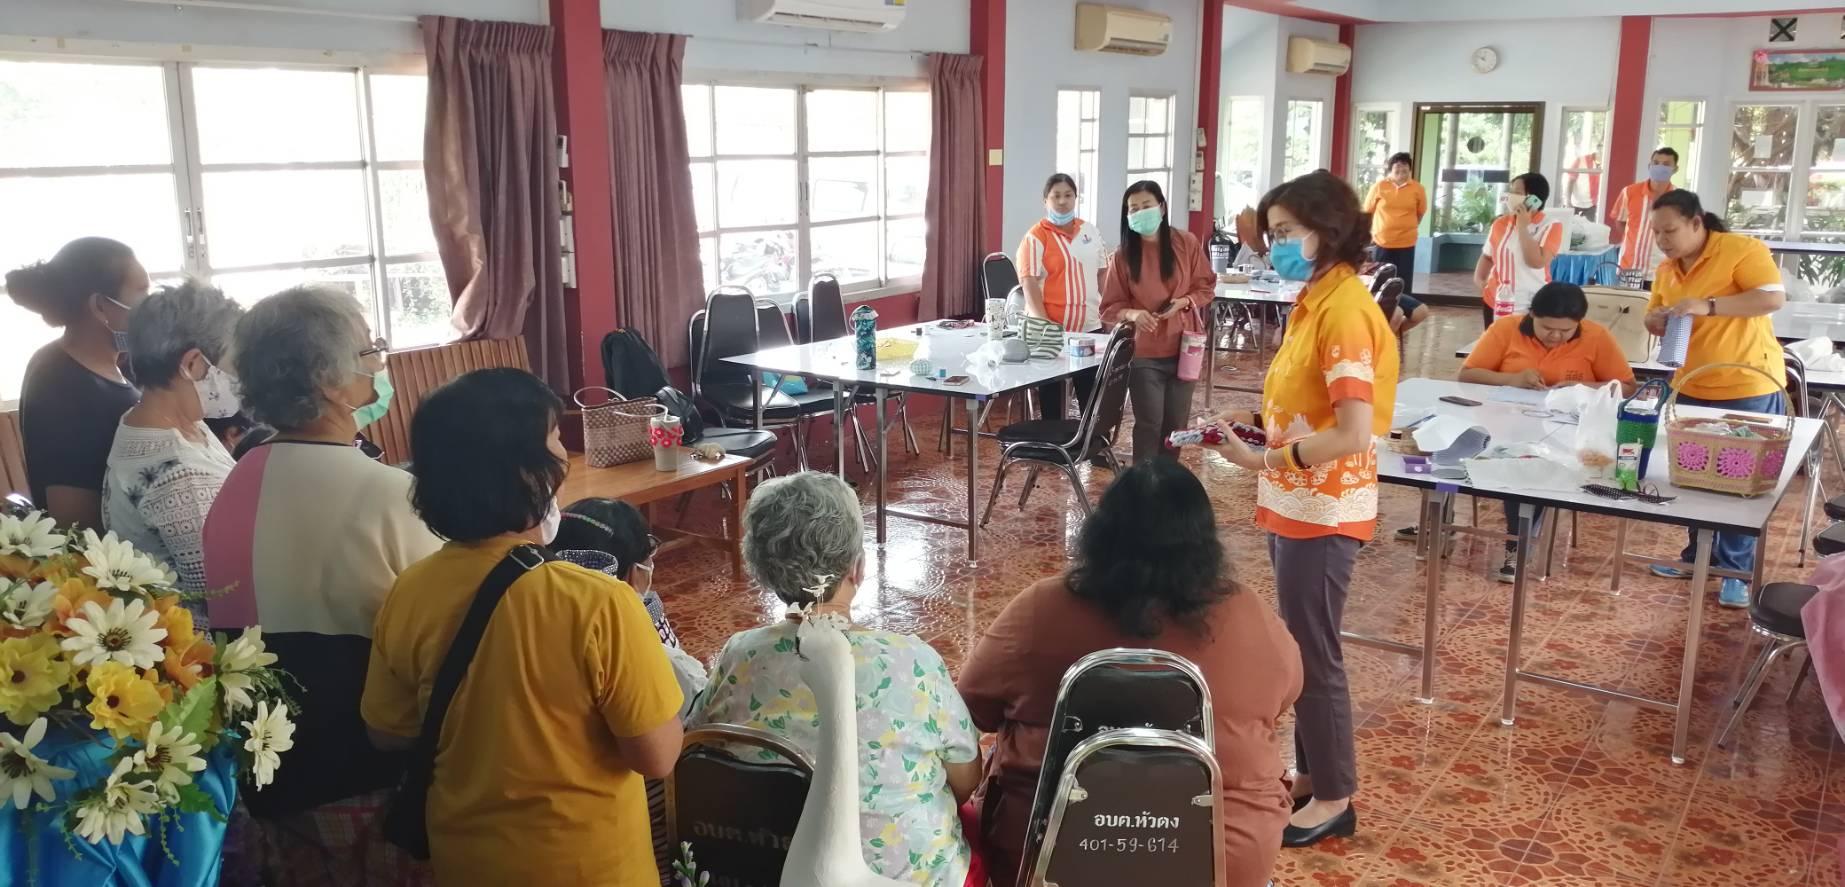 จัดฝึกอาชีพโครงการส่งเสริมการประกอบอาชีพอิสระให้ผู้สูงอายุ ประจำปี2563